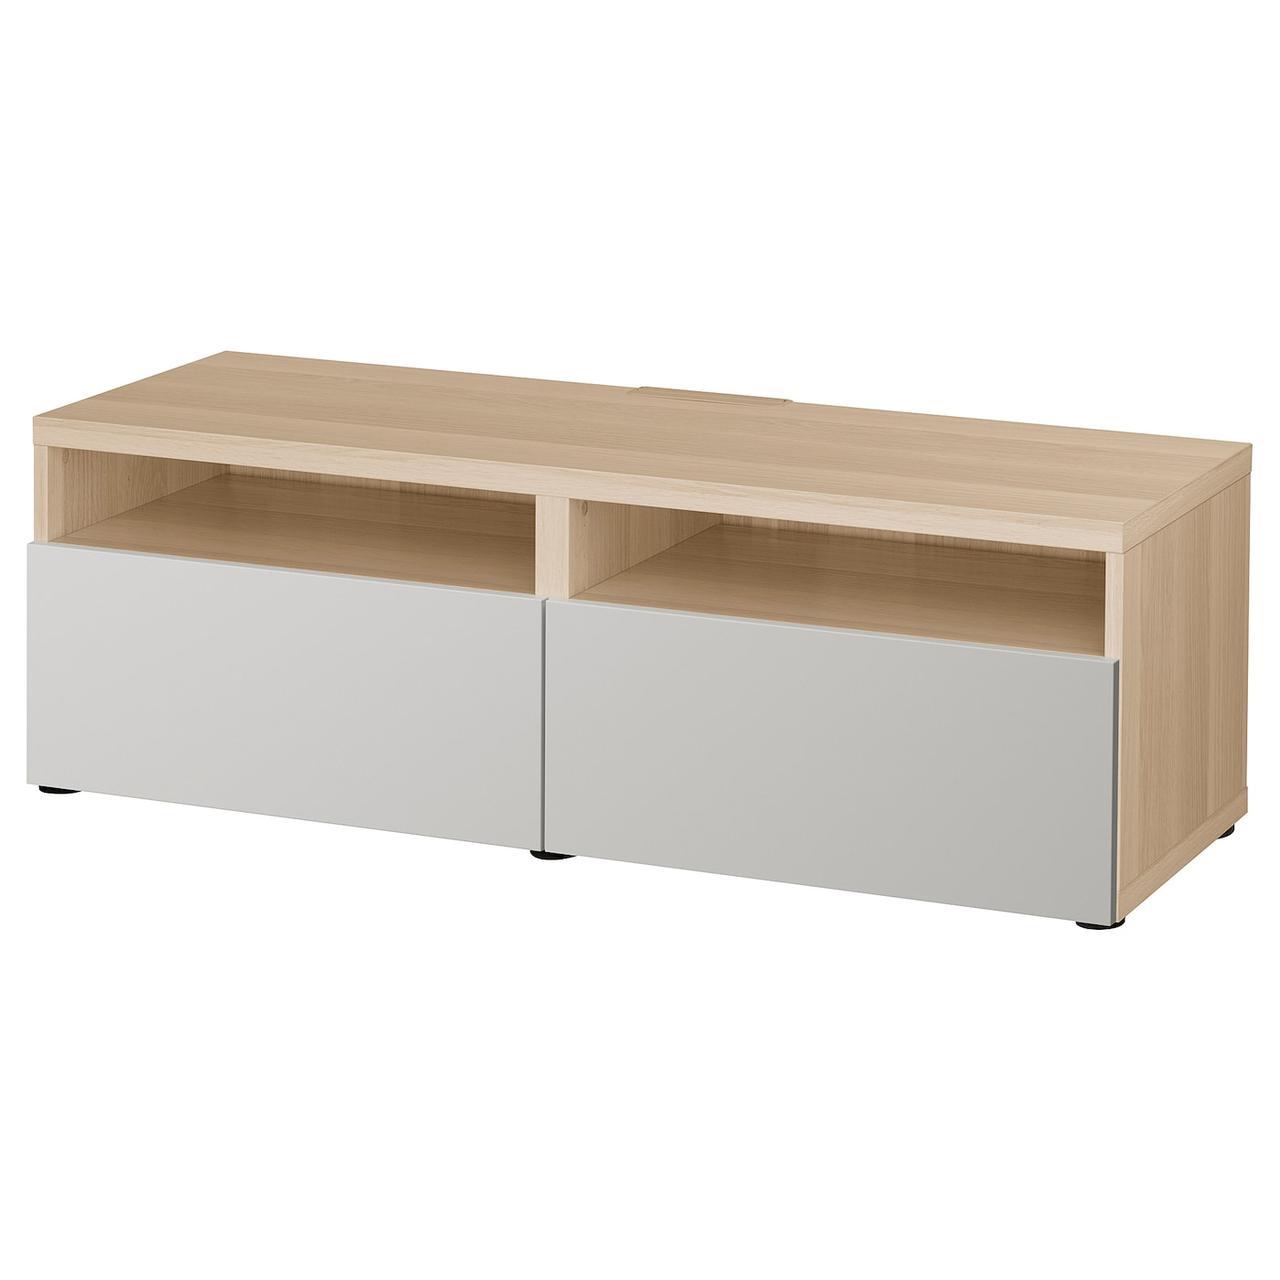 IKEA BESTA Тумба под телевизор 120x42x39 см (893.243.60), фото 1